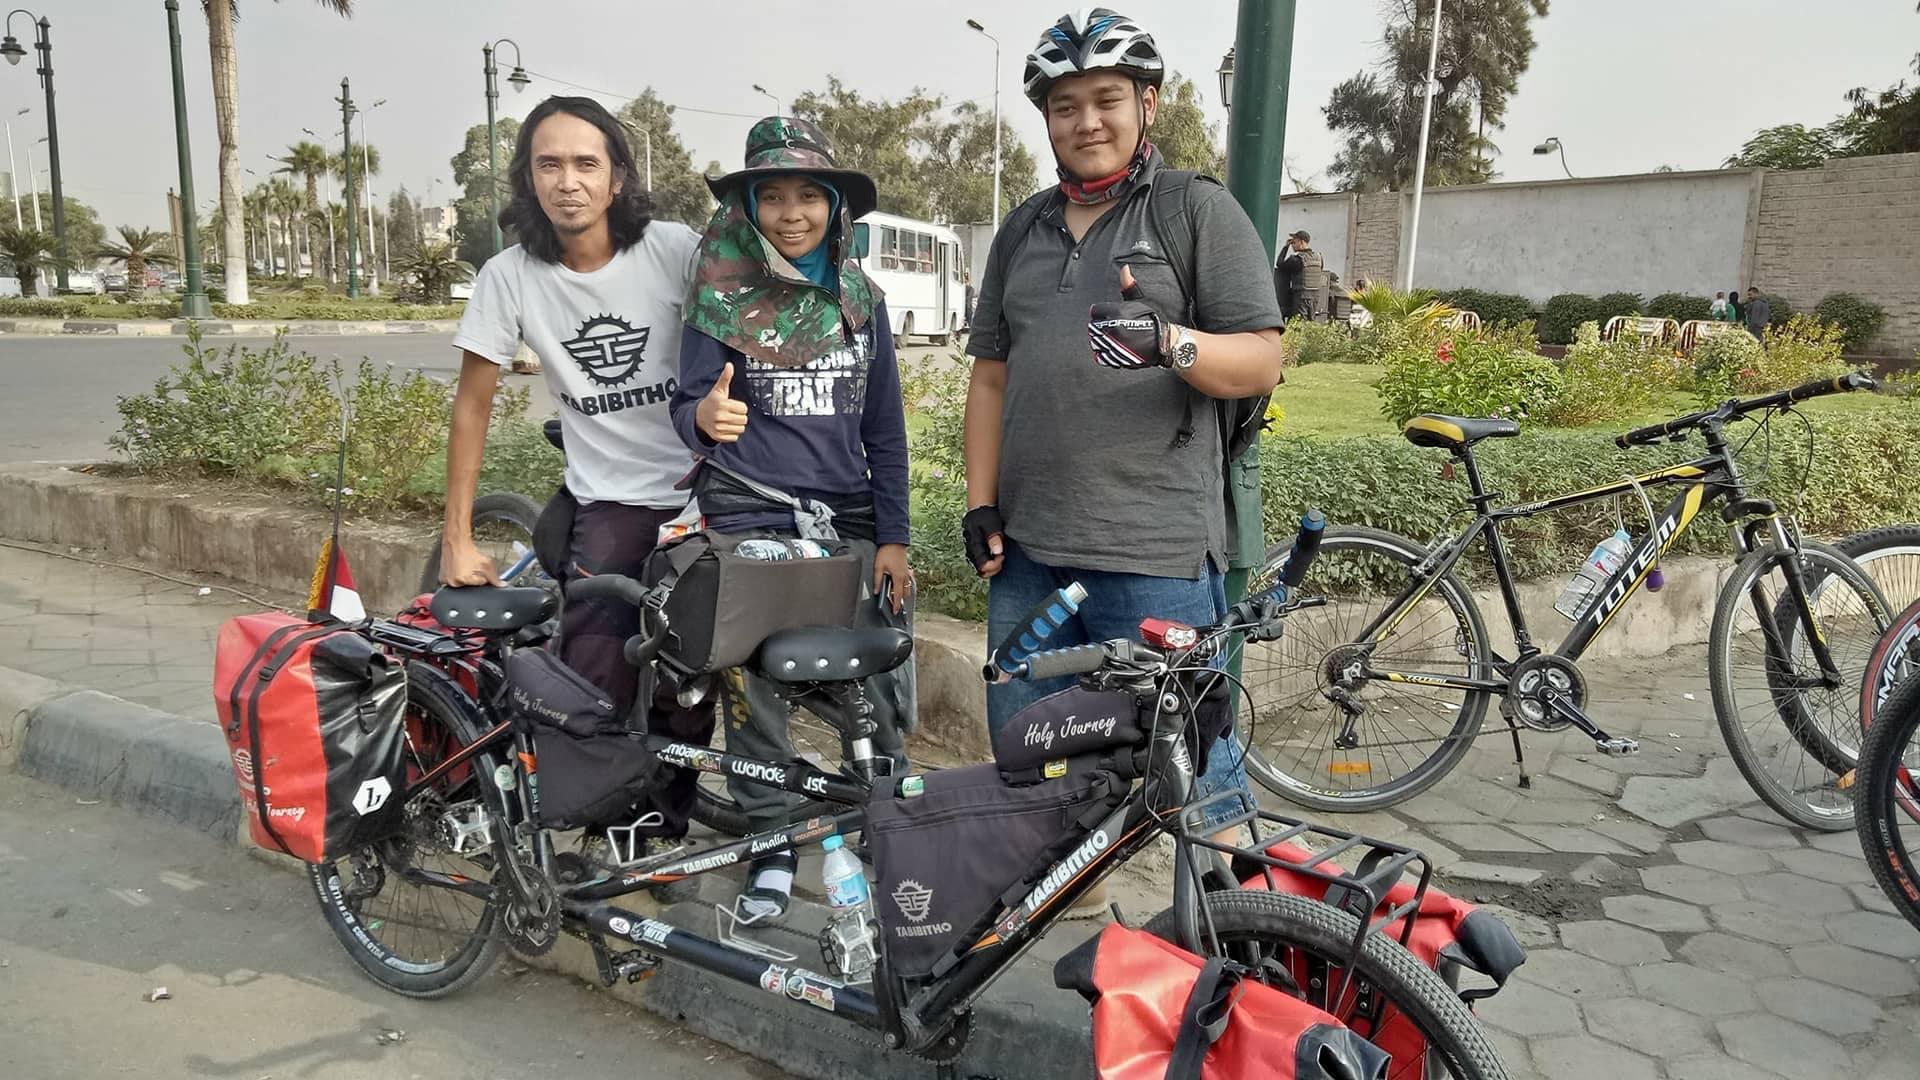 Penulis dan Hakam sempat berbincang dengan pasangan hebat ini saat acara Fun Bike di Kairo.